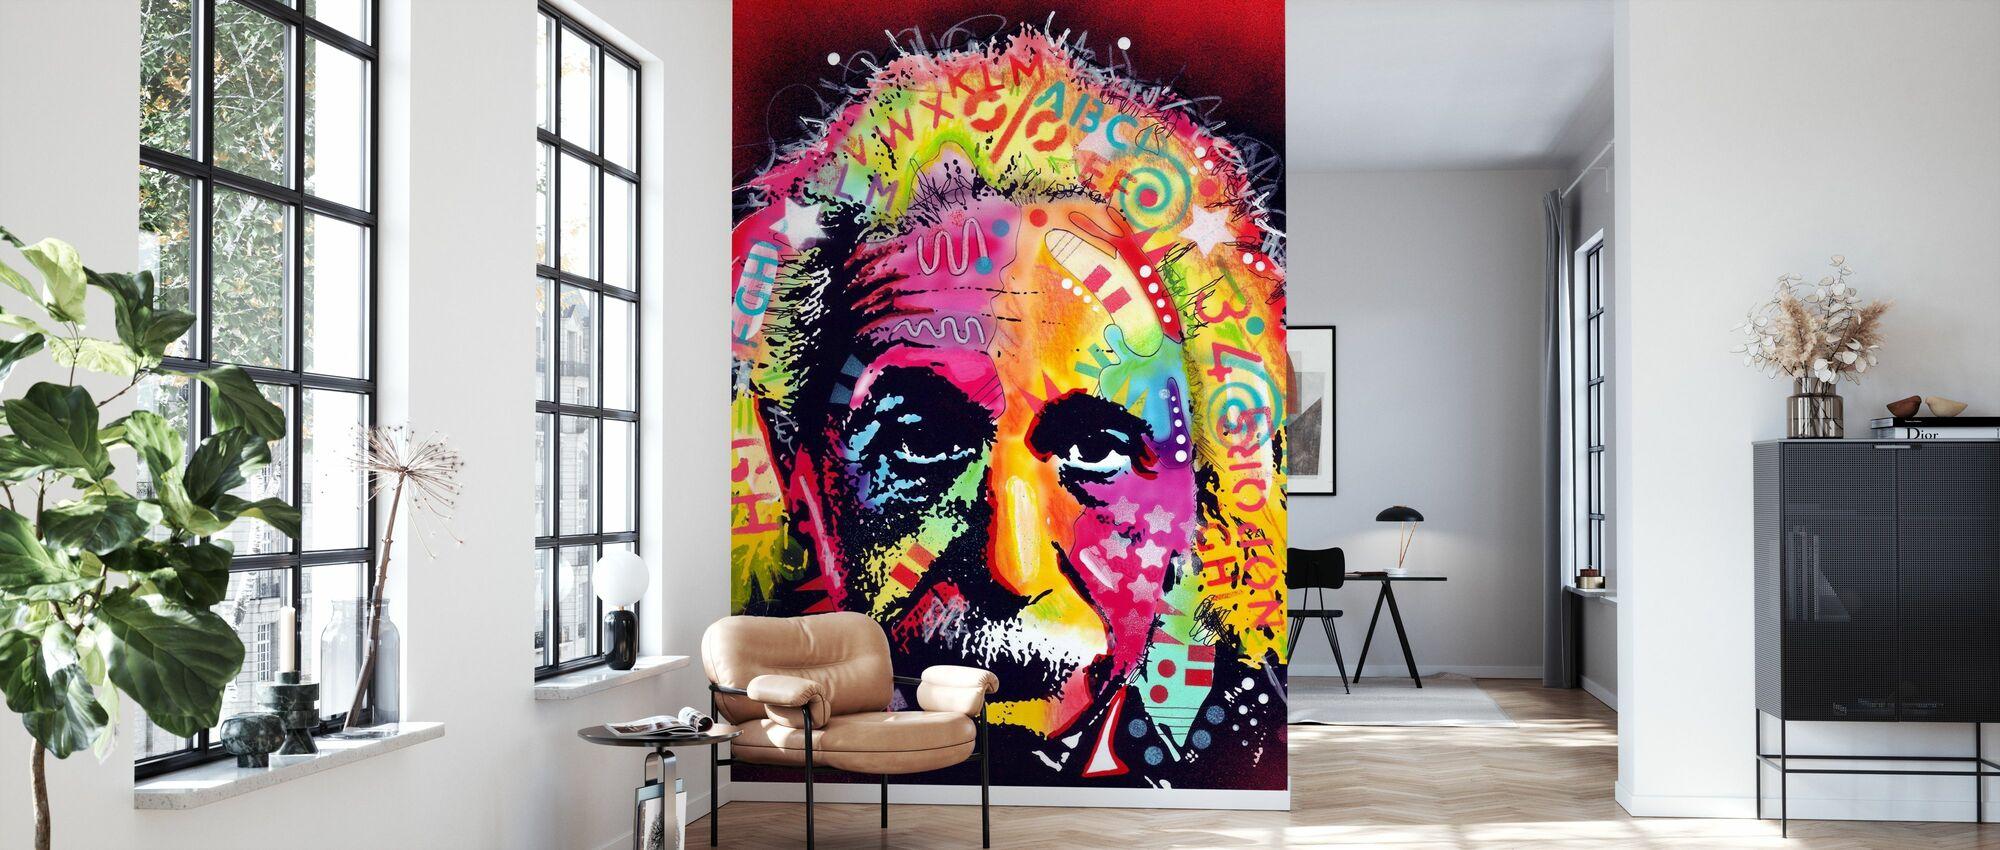 Einstein 2 - Wallpaper - Living Room